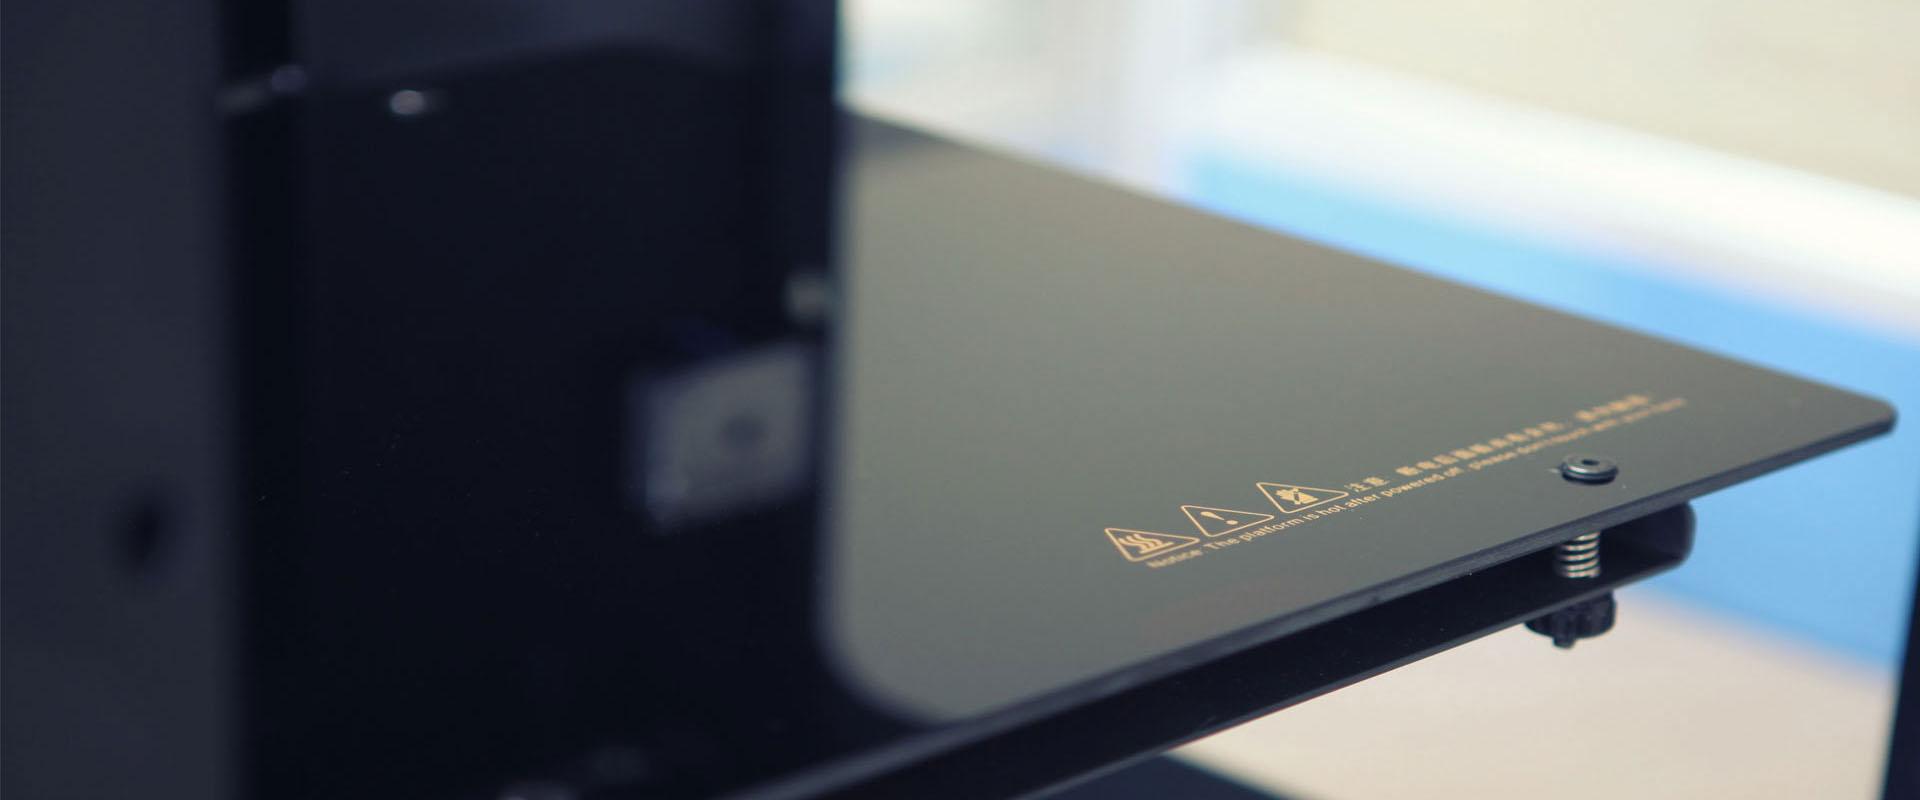 Стеклокерамическая платформа имеет микрокристаллическую структуру, благодаря чемуможет поддерживать высокую тепловую эффективность. Предусмотрена возможность автоматического отключения подогрева стола после заданного количества слоев.